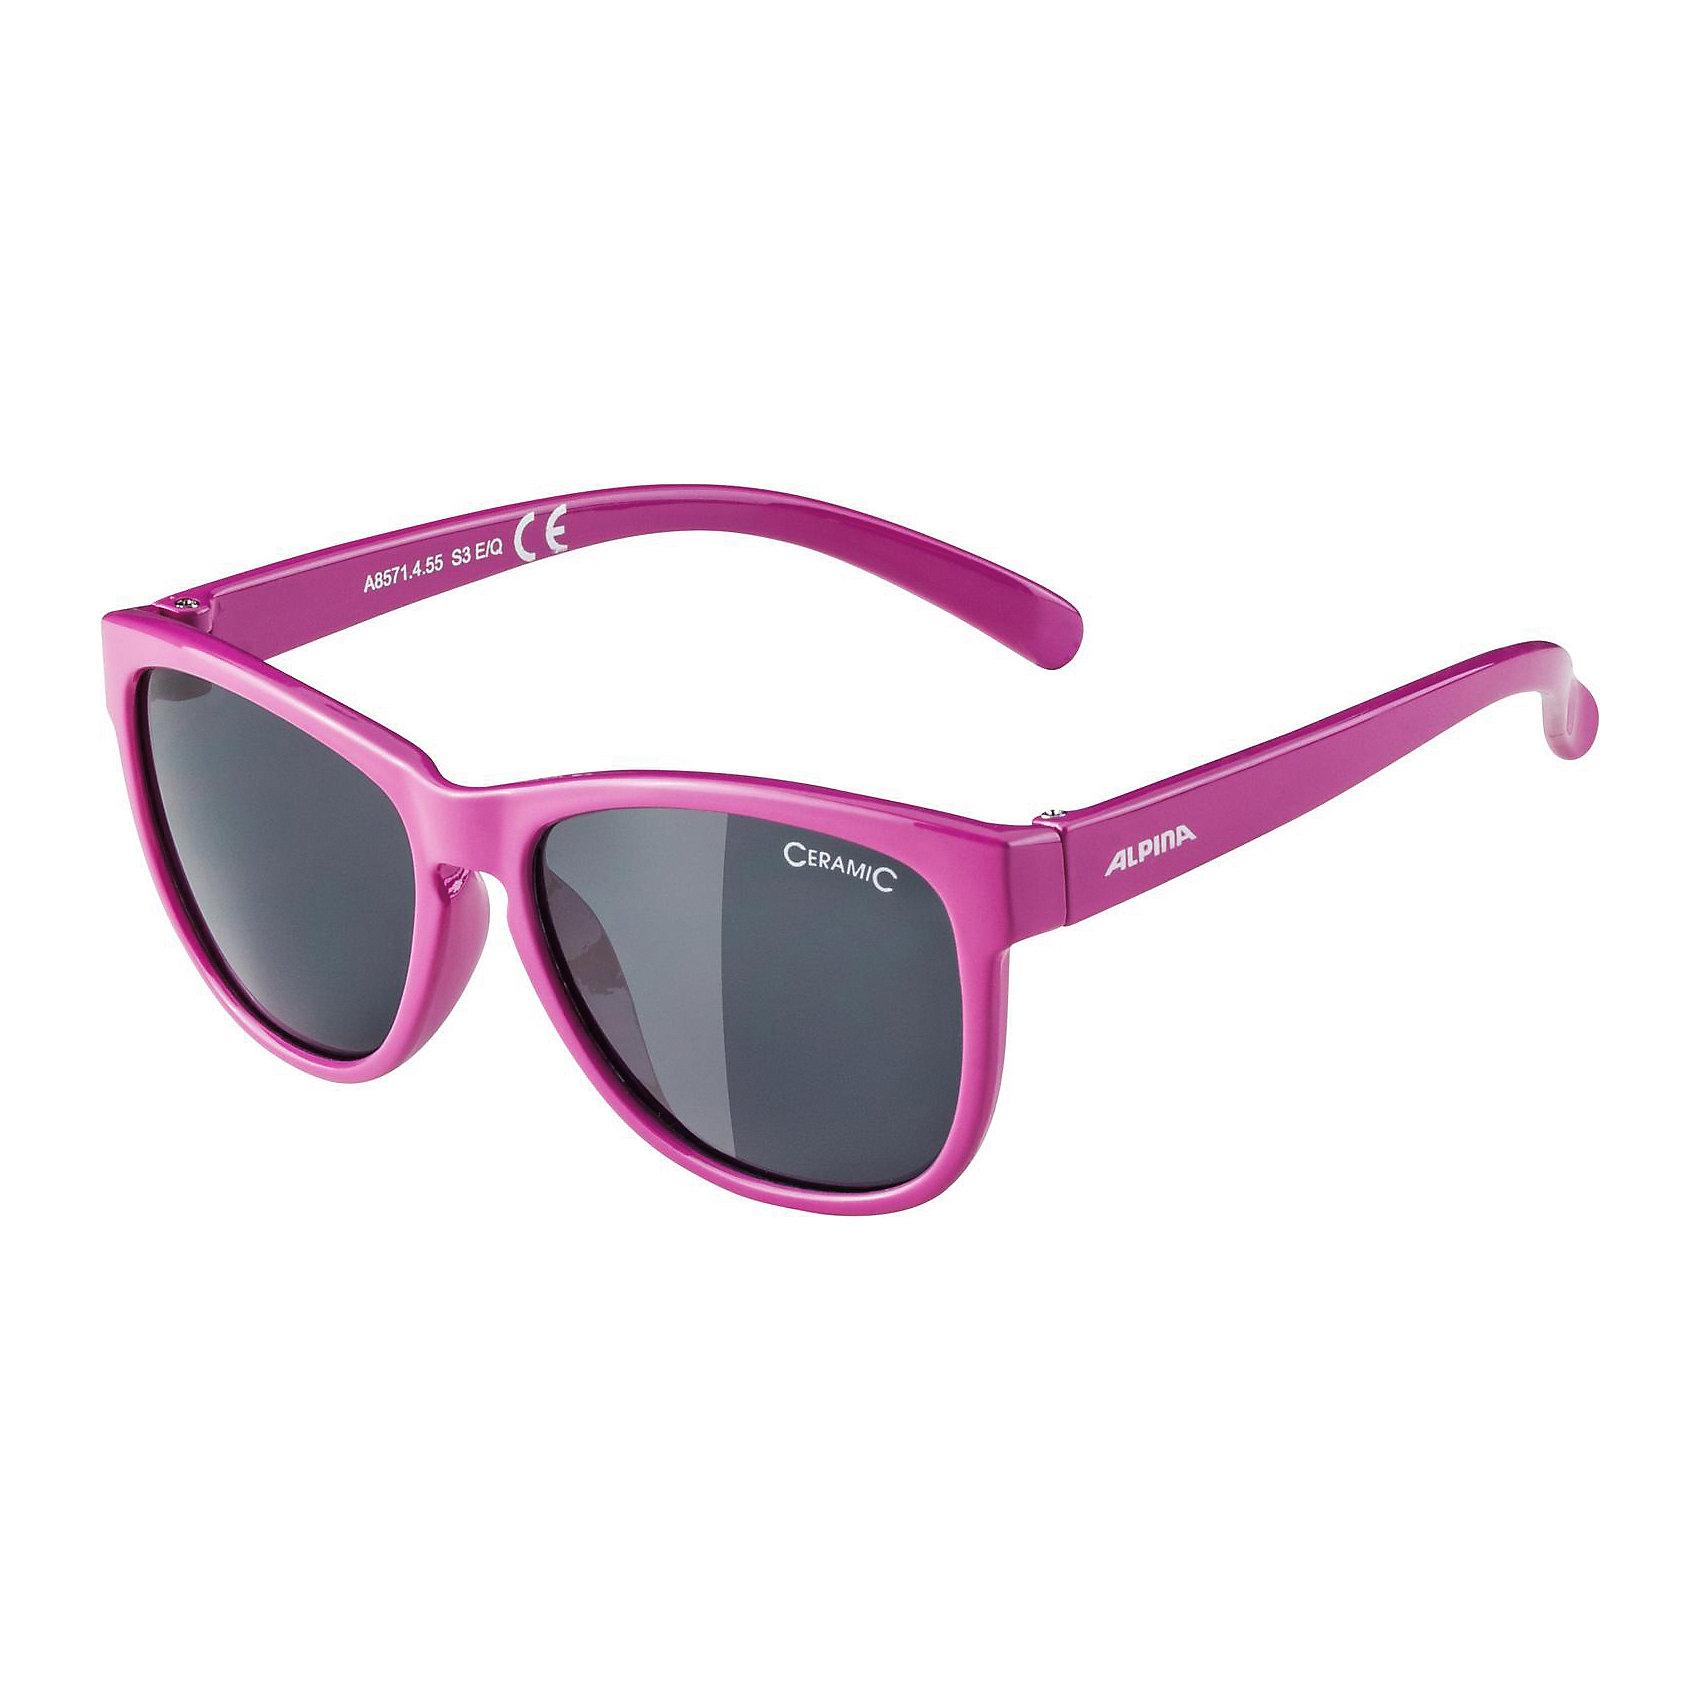 Очки солнцезащитные LUZY, фиолетовые, ALPINAСолнцезащитные очки<br>Характеристики:<br><br>• возраст: от 6 лет;<br>• материал: пластик;<br>• размер упаковки: 19х3х3 см;<br>• вес упаковки: 200 гр.;<br>• страна производитель: Китай.<br><br>Очки солнцезащитные Alpina Luzy фиолетовые защищают глаза от попадания солнечных лучей во время прогулки, отдыха на природе, катания на велосипеде. Благодаря керамической линзе они обеспечивают надежную защиту от всех типов УФ излучения. <br><br>Очки солнцезащитные Alpina Luzy фиолетовые можно приобрести в нашем интернет-магазине.<br><br>Ширина мм: 135<br>Глубина мм: 95<br>Высота мм: 40<br>Вес г: 32<br>Цвет: лиловый<br>Возраст от месяцев: 72<br>Возраст до месяцев: 120<br>Пол: Женский<br>Возраст: Детский<br>SKU: 5225740